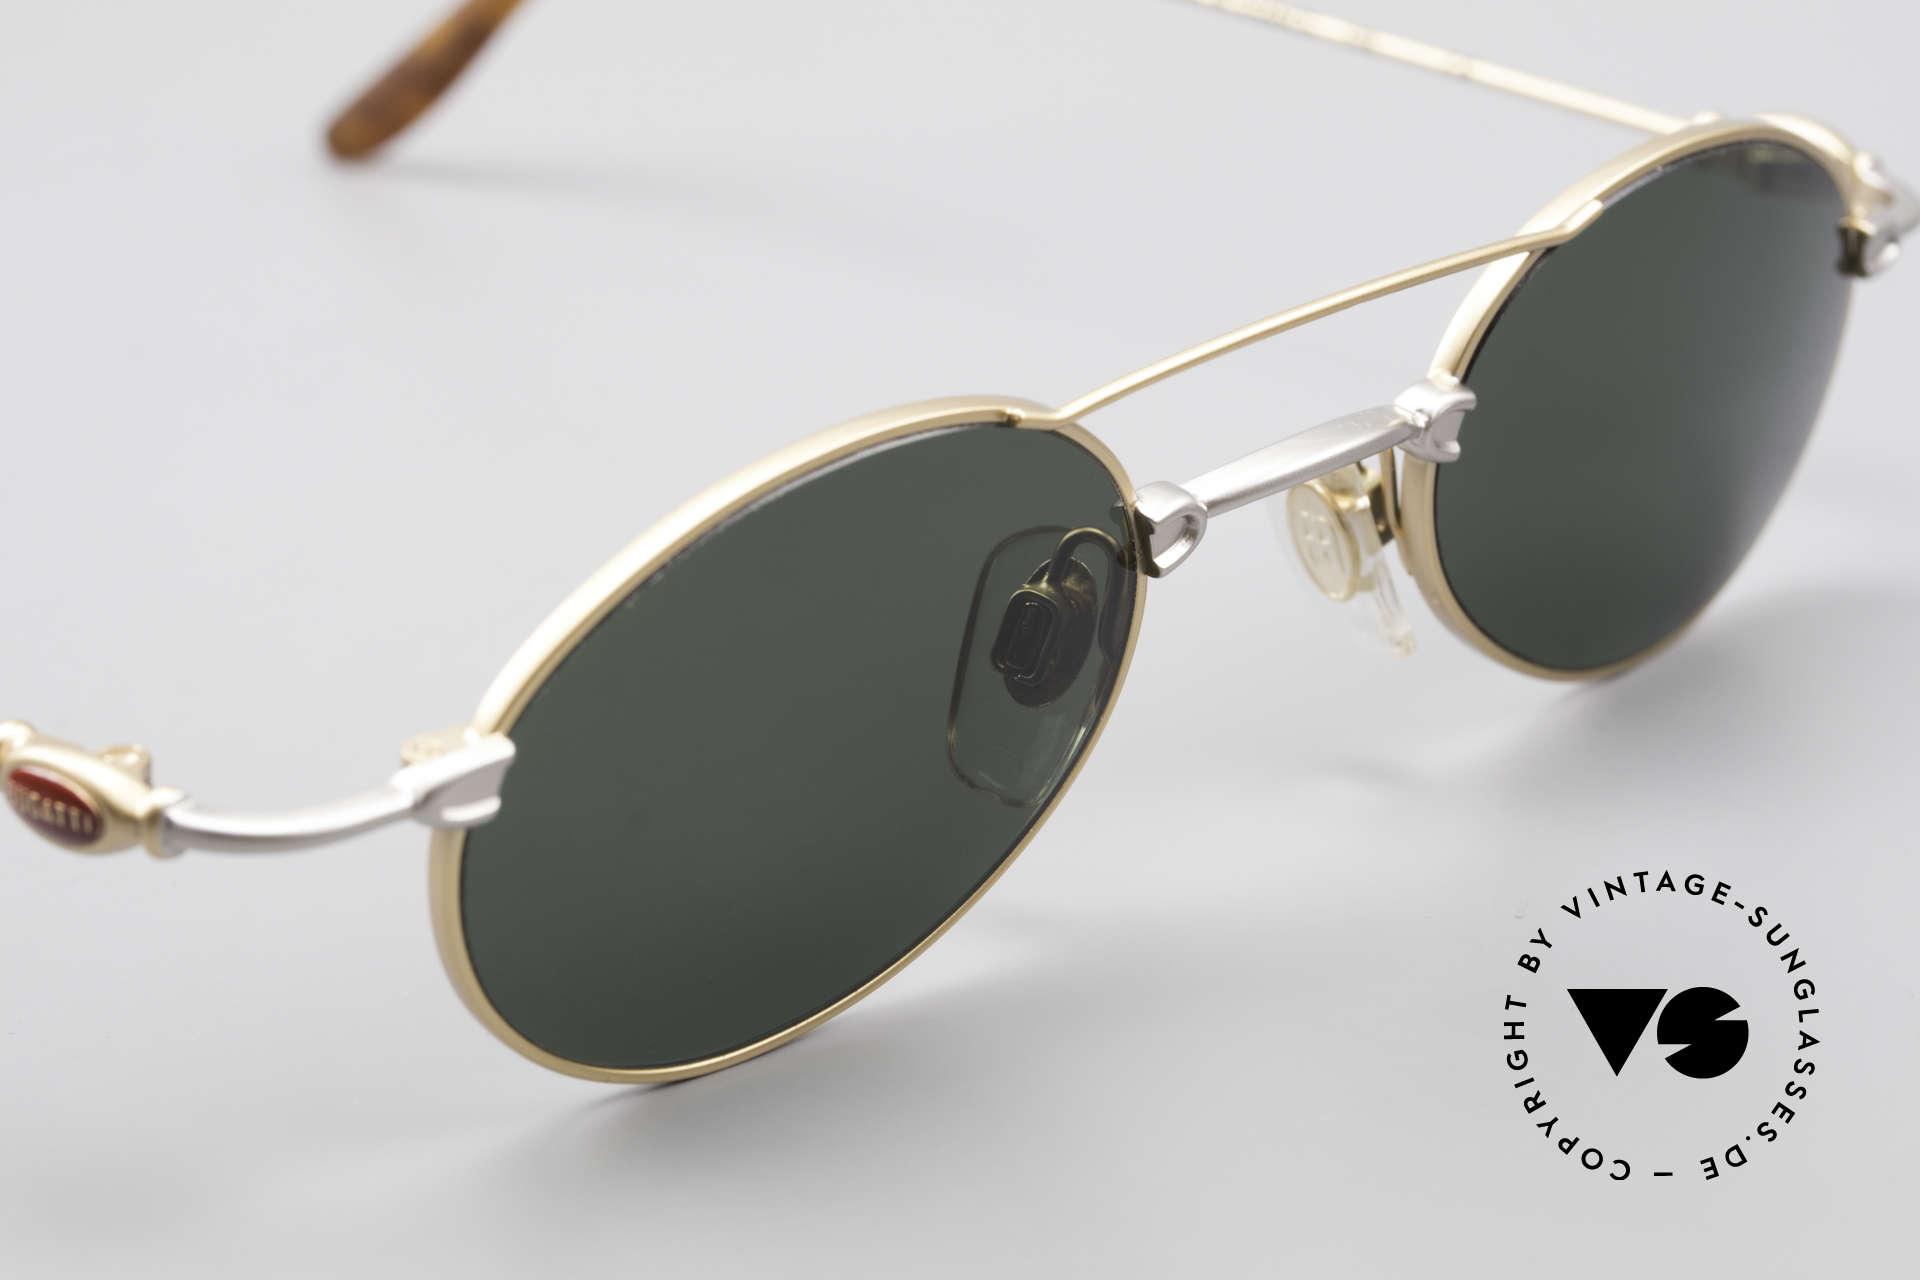 Bugatti 10868 90er Luxus Sonnenbrille Men, KEINE Retrobrille; ein ORIGINAL aus den späten 90ern!, Passend für Herren